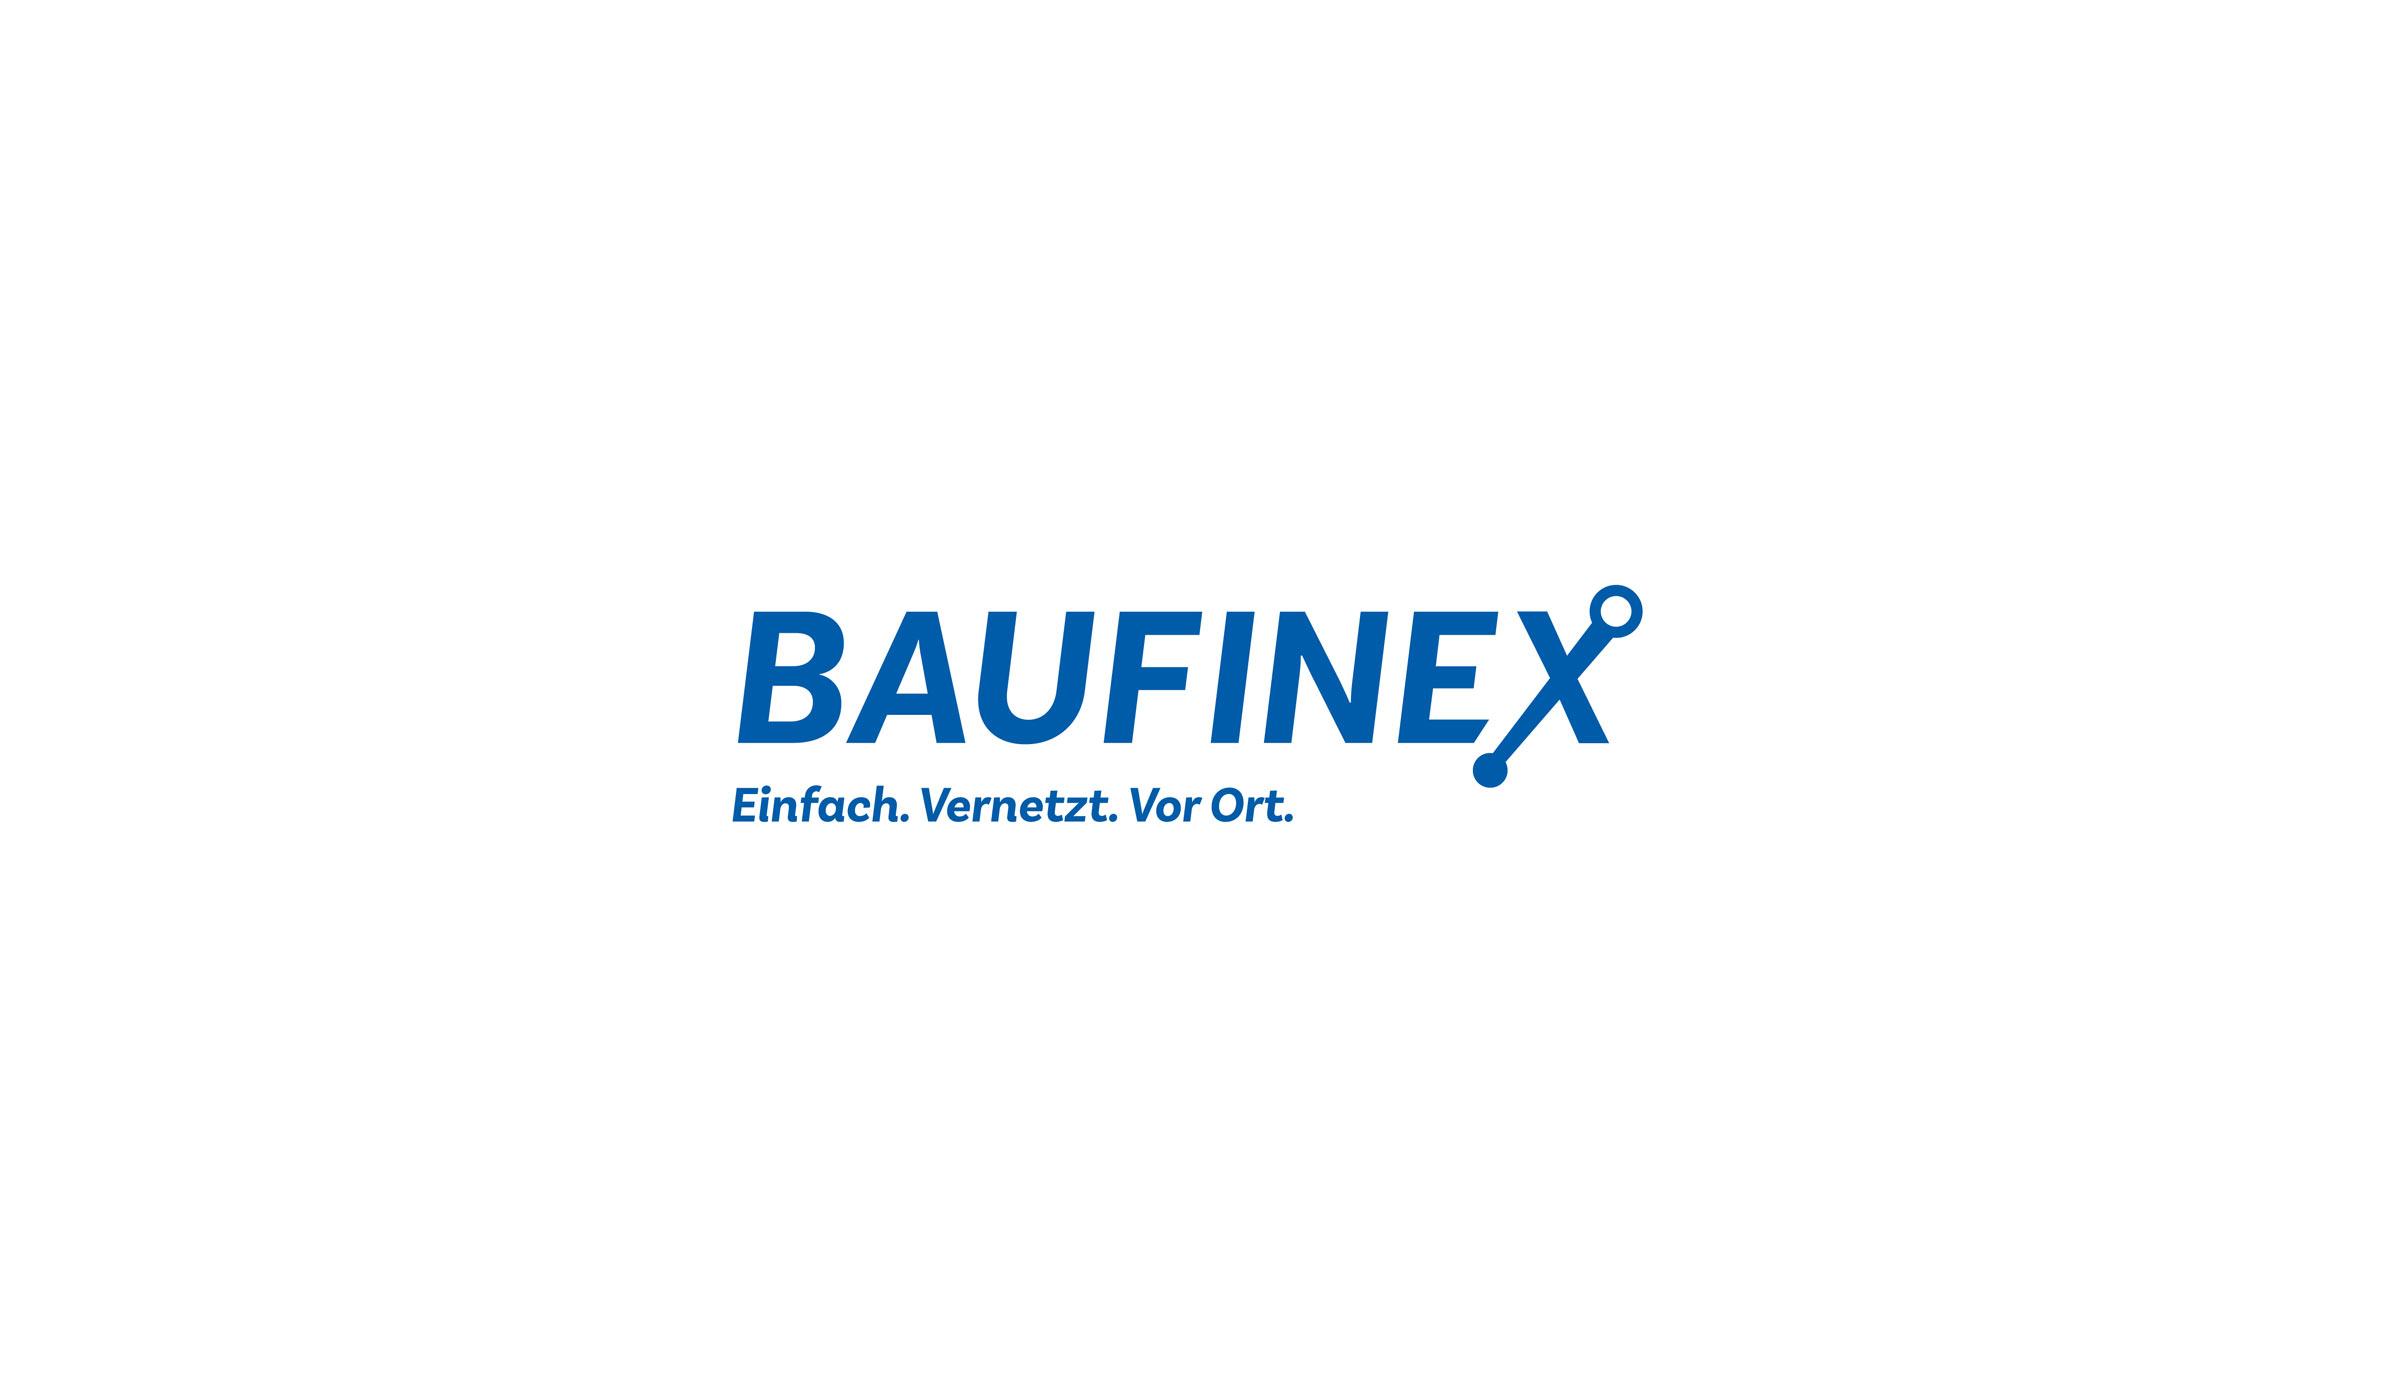 WW_Baufinex_02_pic